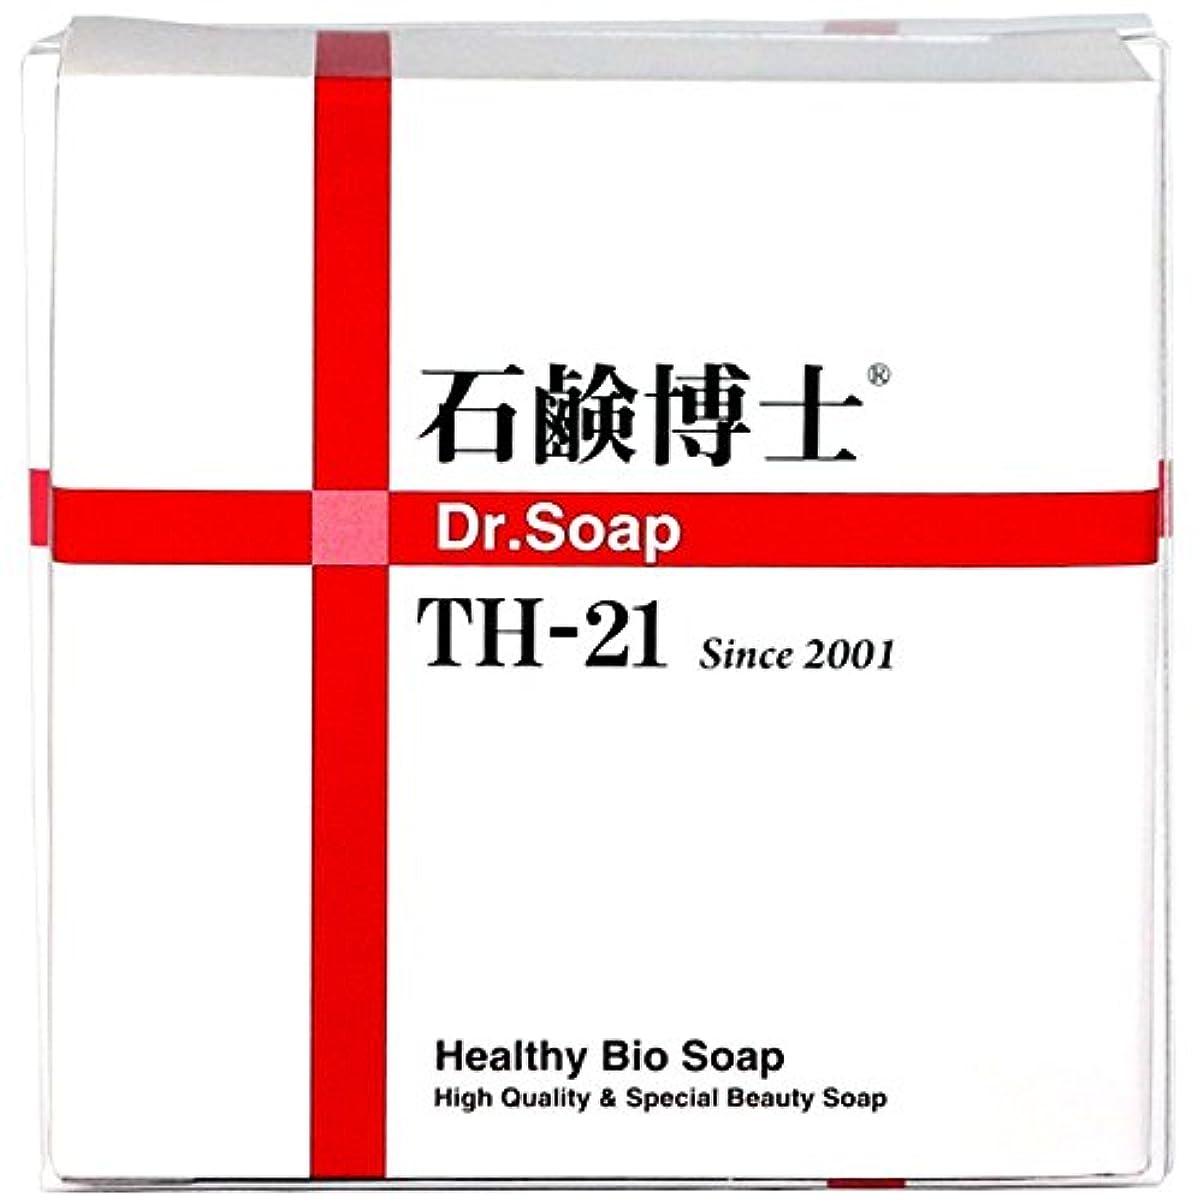 ミスペンドデイジーより平らなミネラルと分解酵素で洗顔しながらスキンケア 石鹸博士 DRソープ石鹸 Dr.Soap TH-21 100g